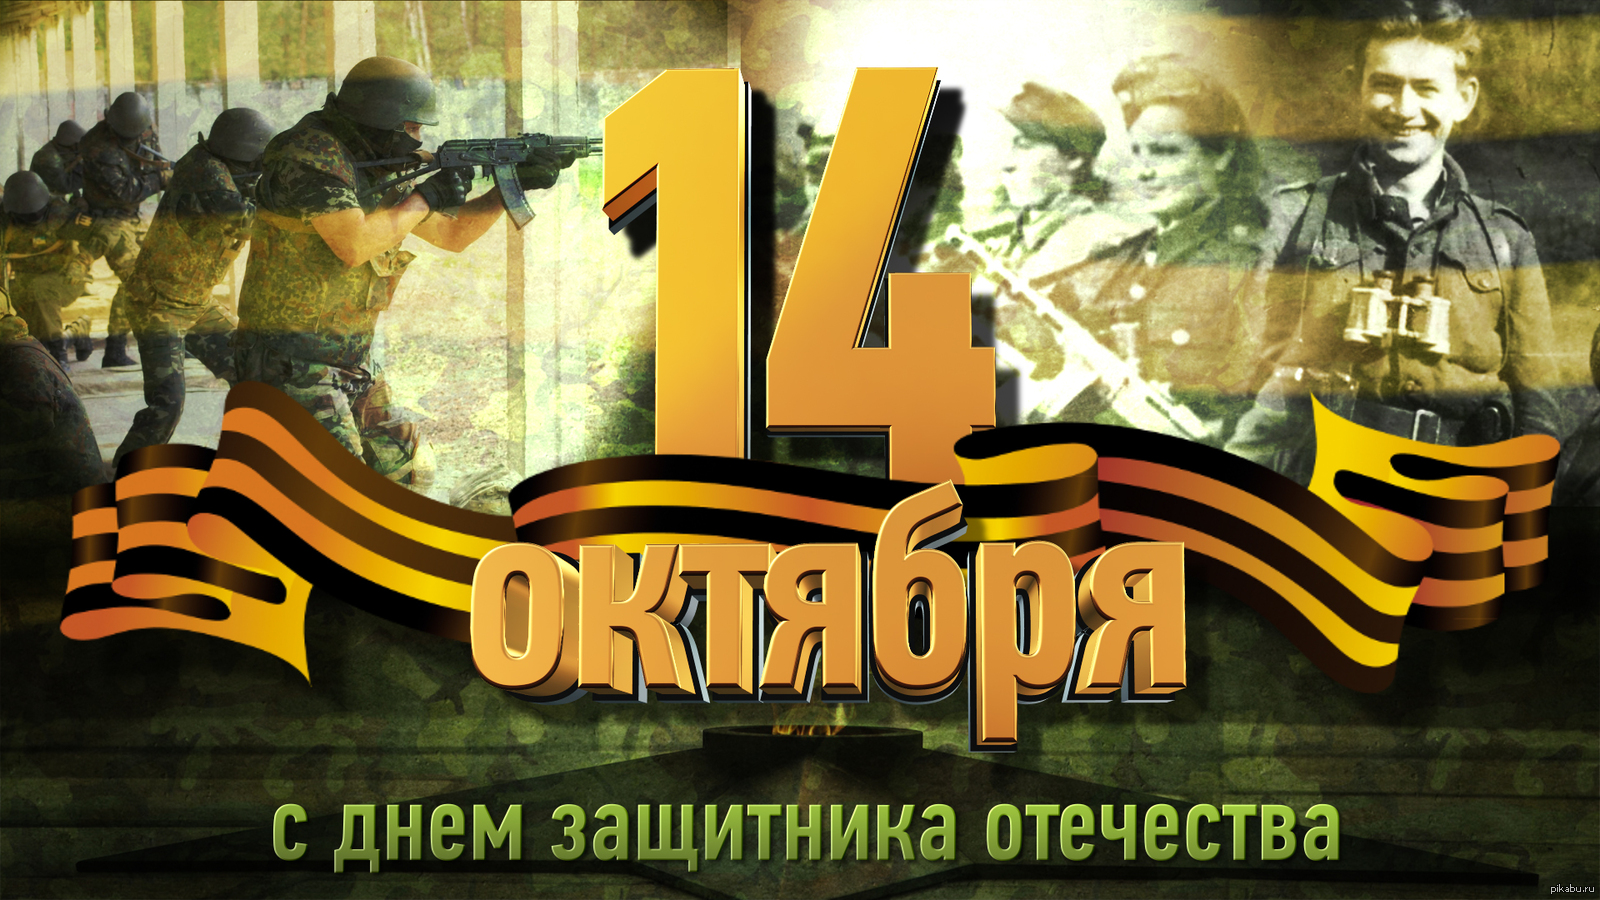 Открытка день защитника отечества украина